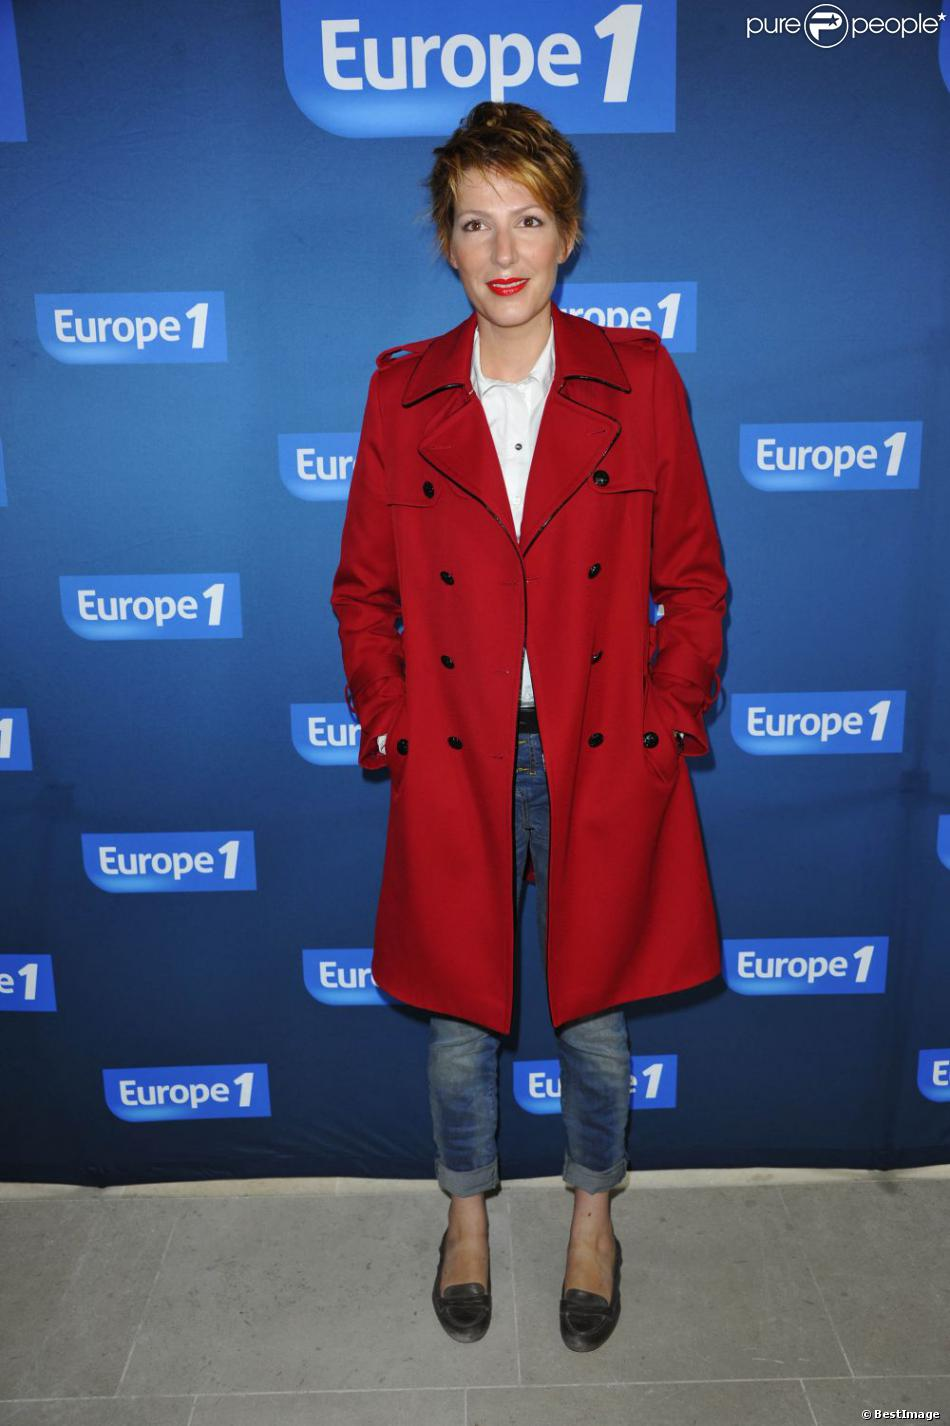 Natacha Polony à la conférence de presse de rentrée d'Europe 1 à Paris, le 3 septembre 2012.